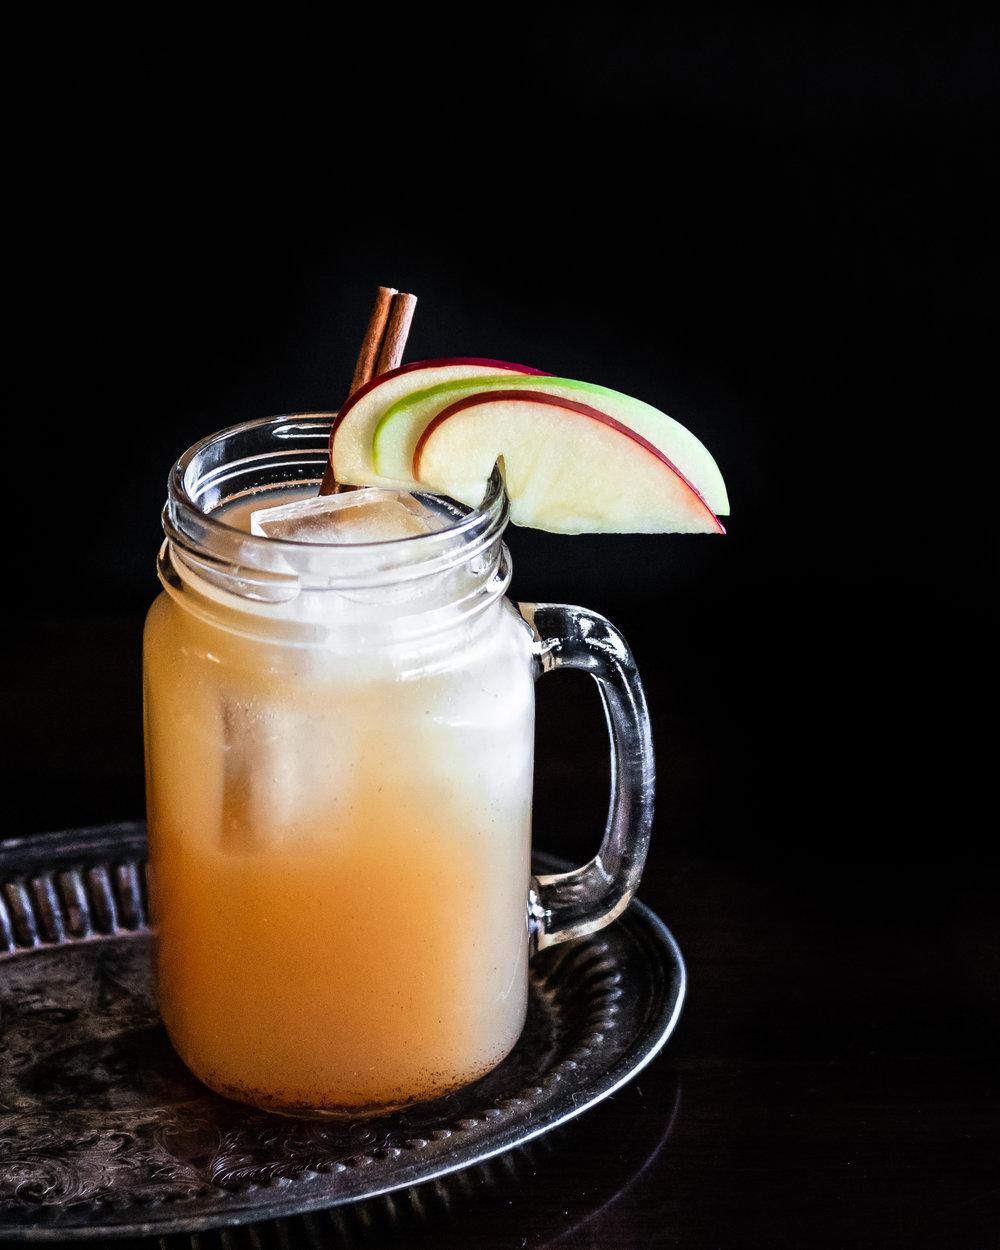 wheatley White apple sangria -